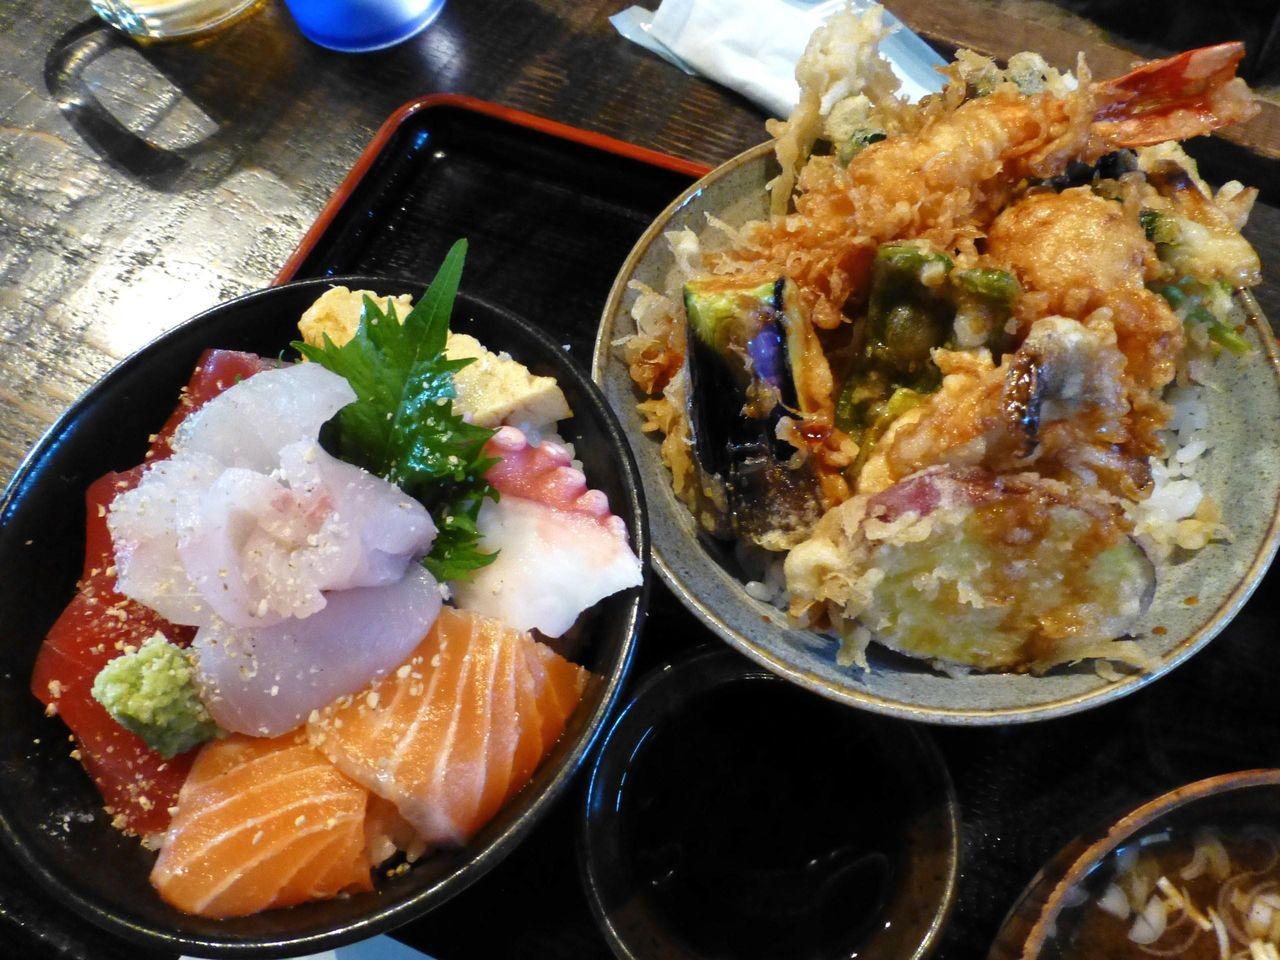 高半の海鮮丼(小)と天丼(小)のセット1,400円